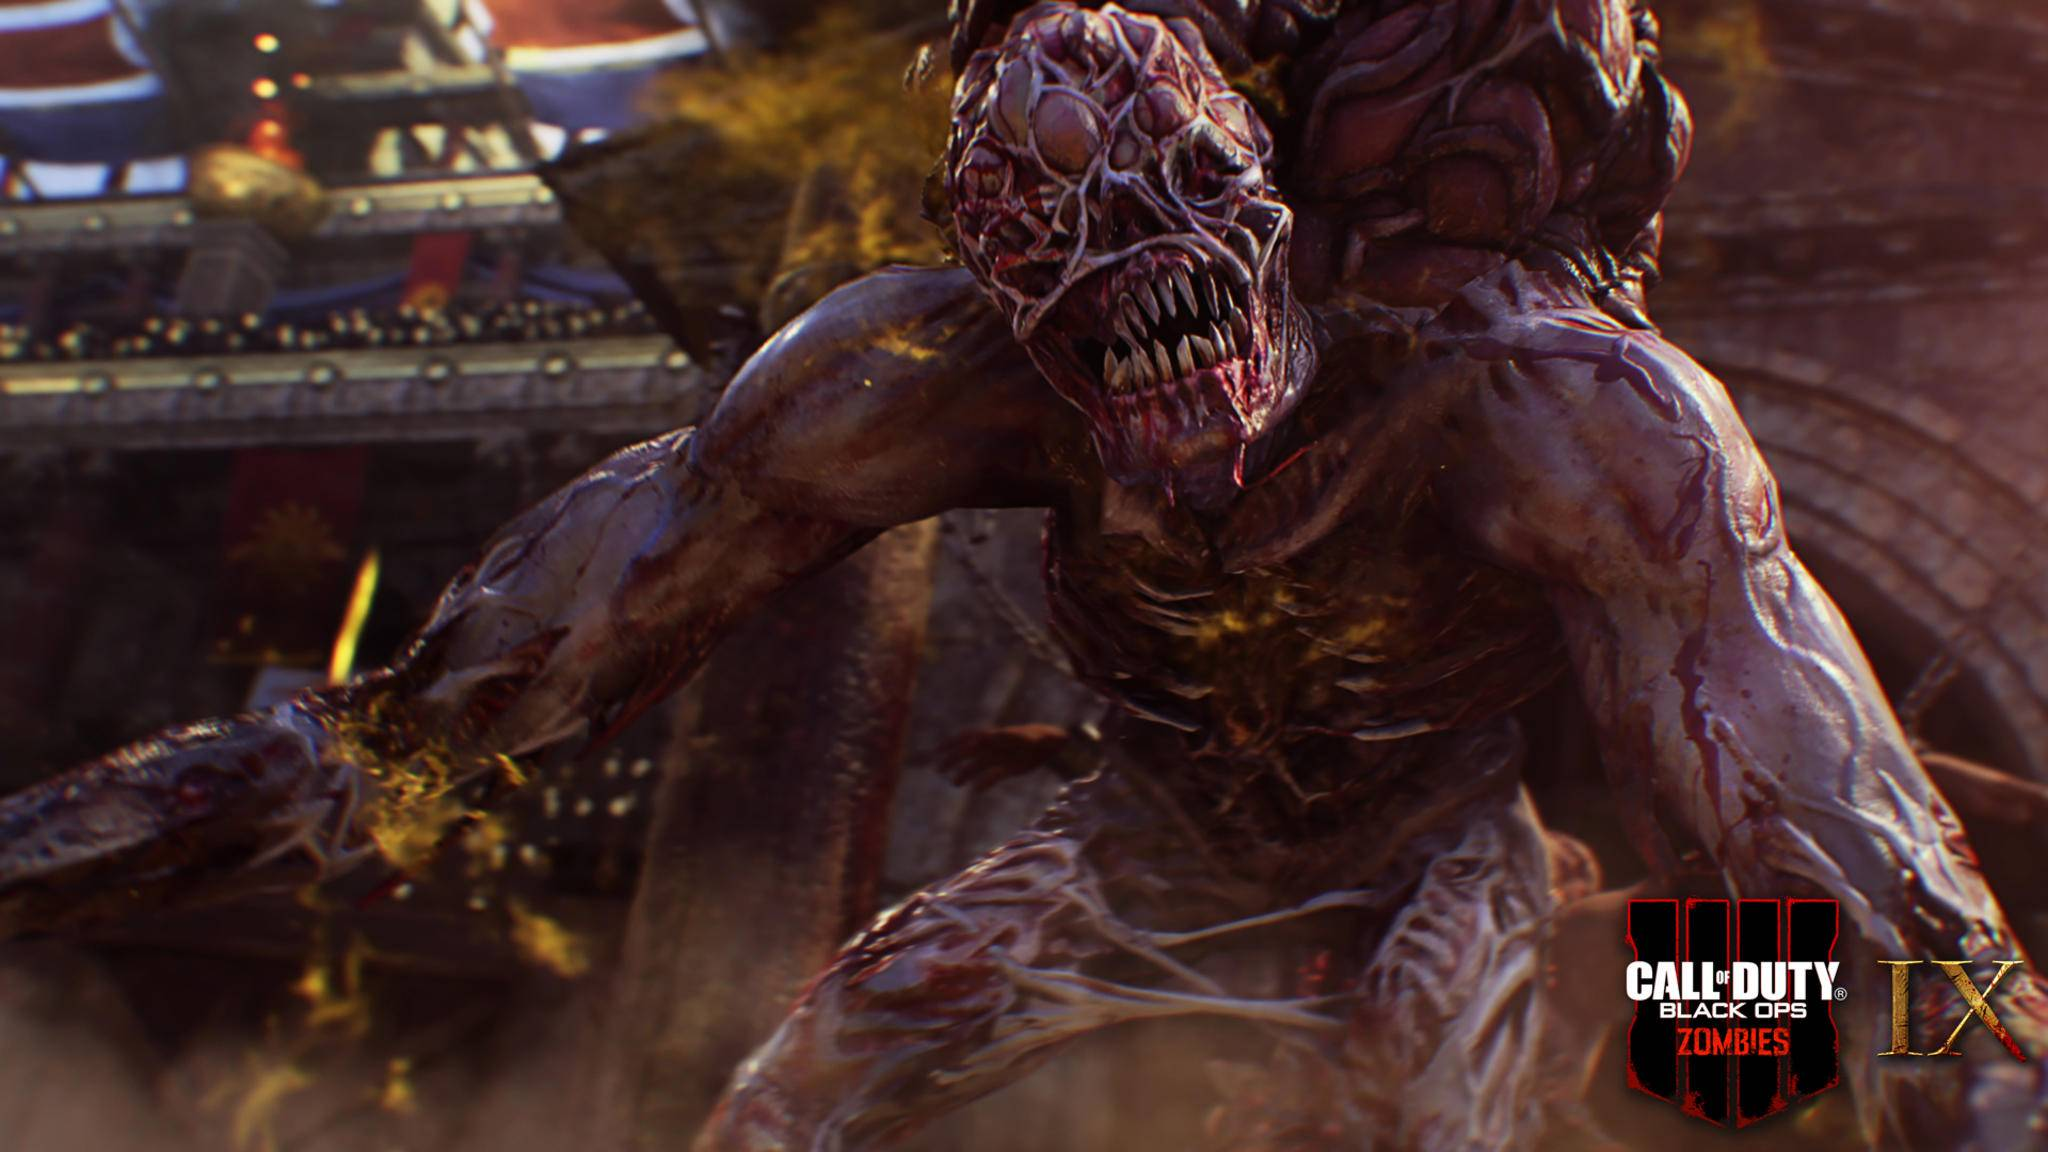 """Ein Ex-Mitarbeiter von Treyarch nahm seine ungerechtfertigte Entlassung als Grund, massenhaft Infos zum Zombie-Modus von """"Call of Duty: Black Ops 4"""" zu leaken."""